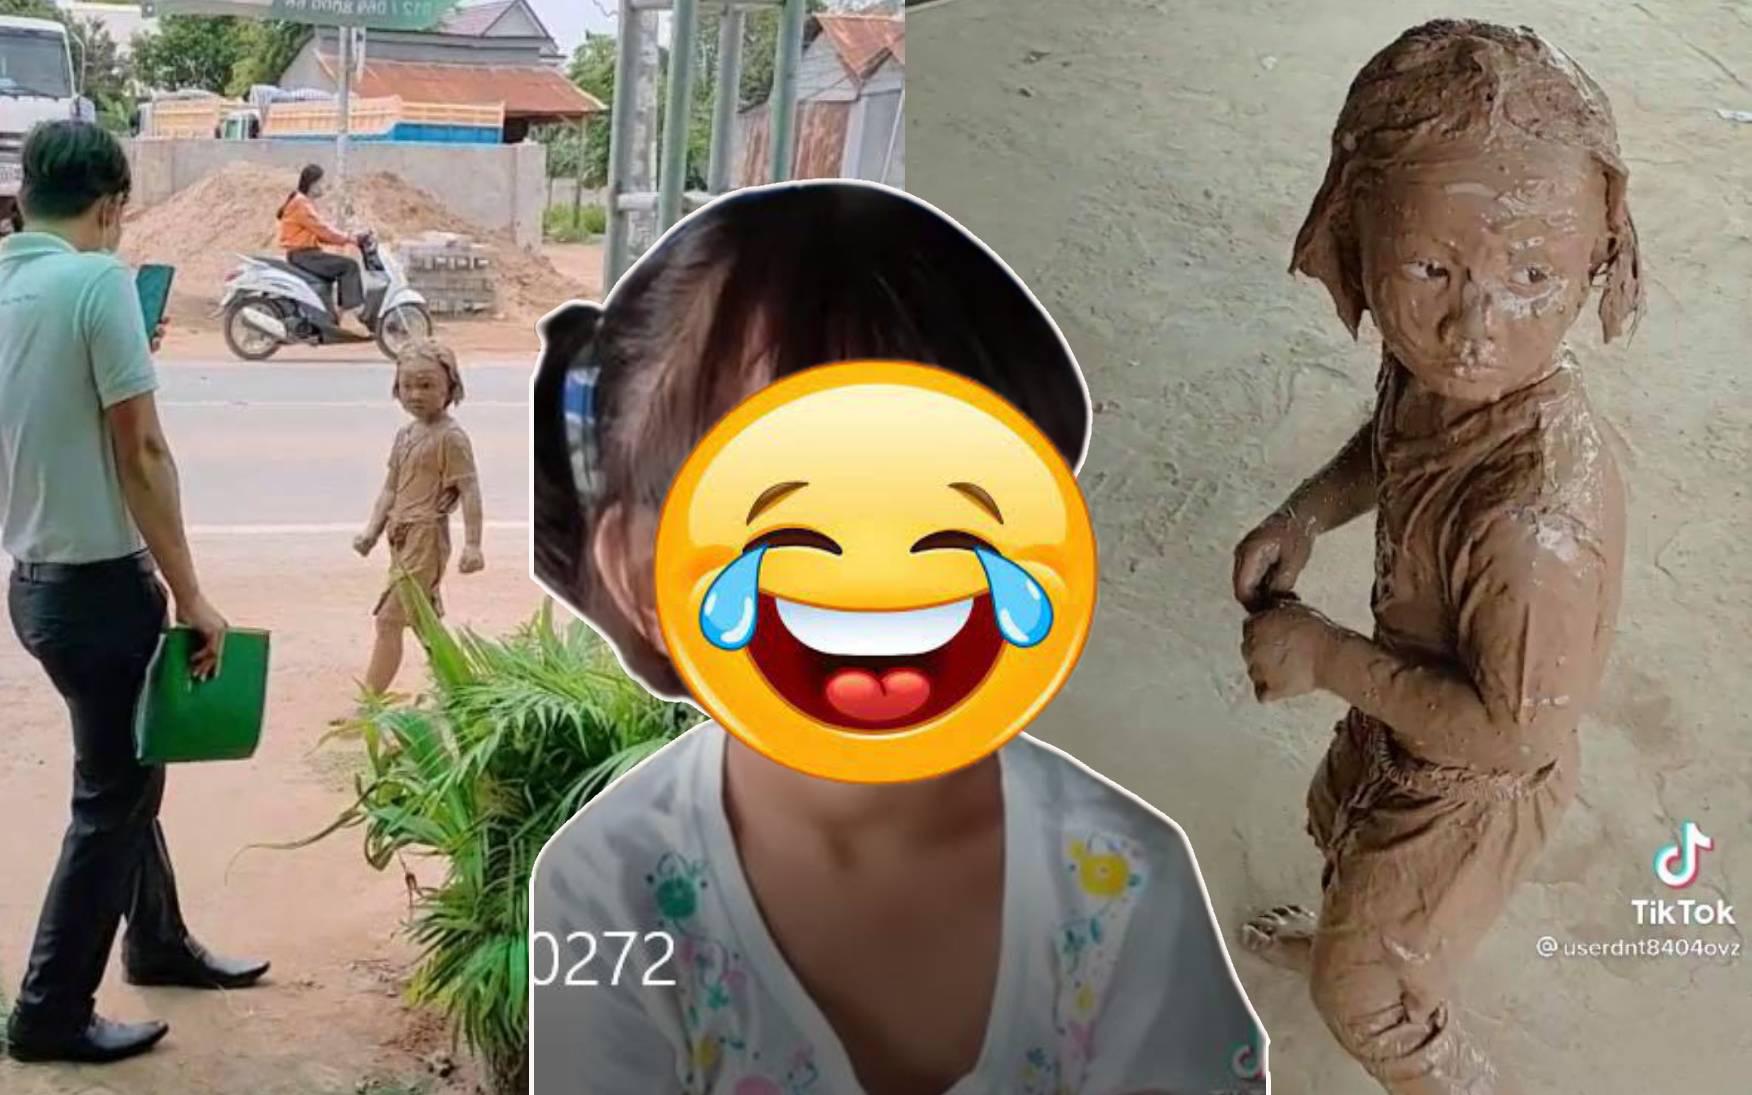 """Bé gái ngã xuống bùn nhưng thần thái như """"chị đại"""" dù bị mẹ vụt quắn mông: Khuôn mặt sau khi rửa sạch mới ngỡ ngàng"""